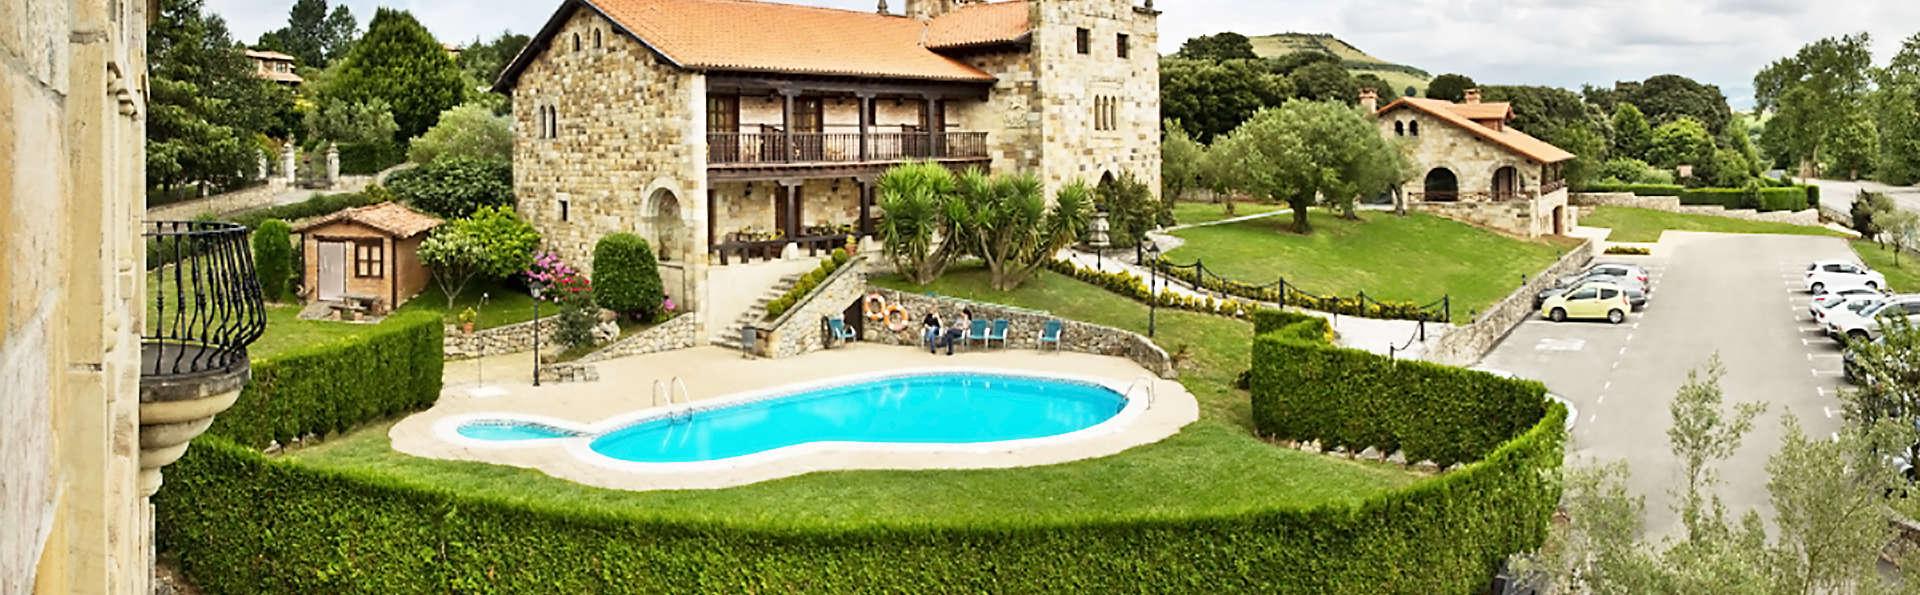 Complejo San Marcos Hotel & Spa - EDIT_exterior-posada.jpg